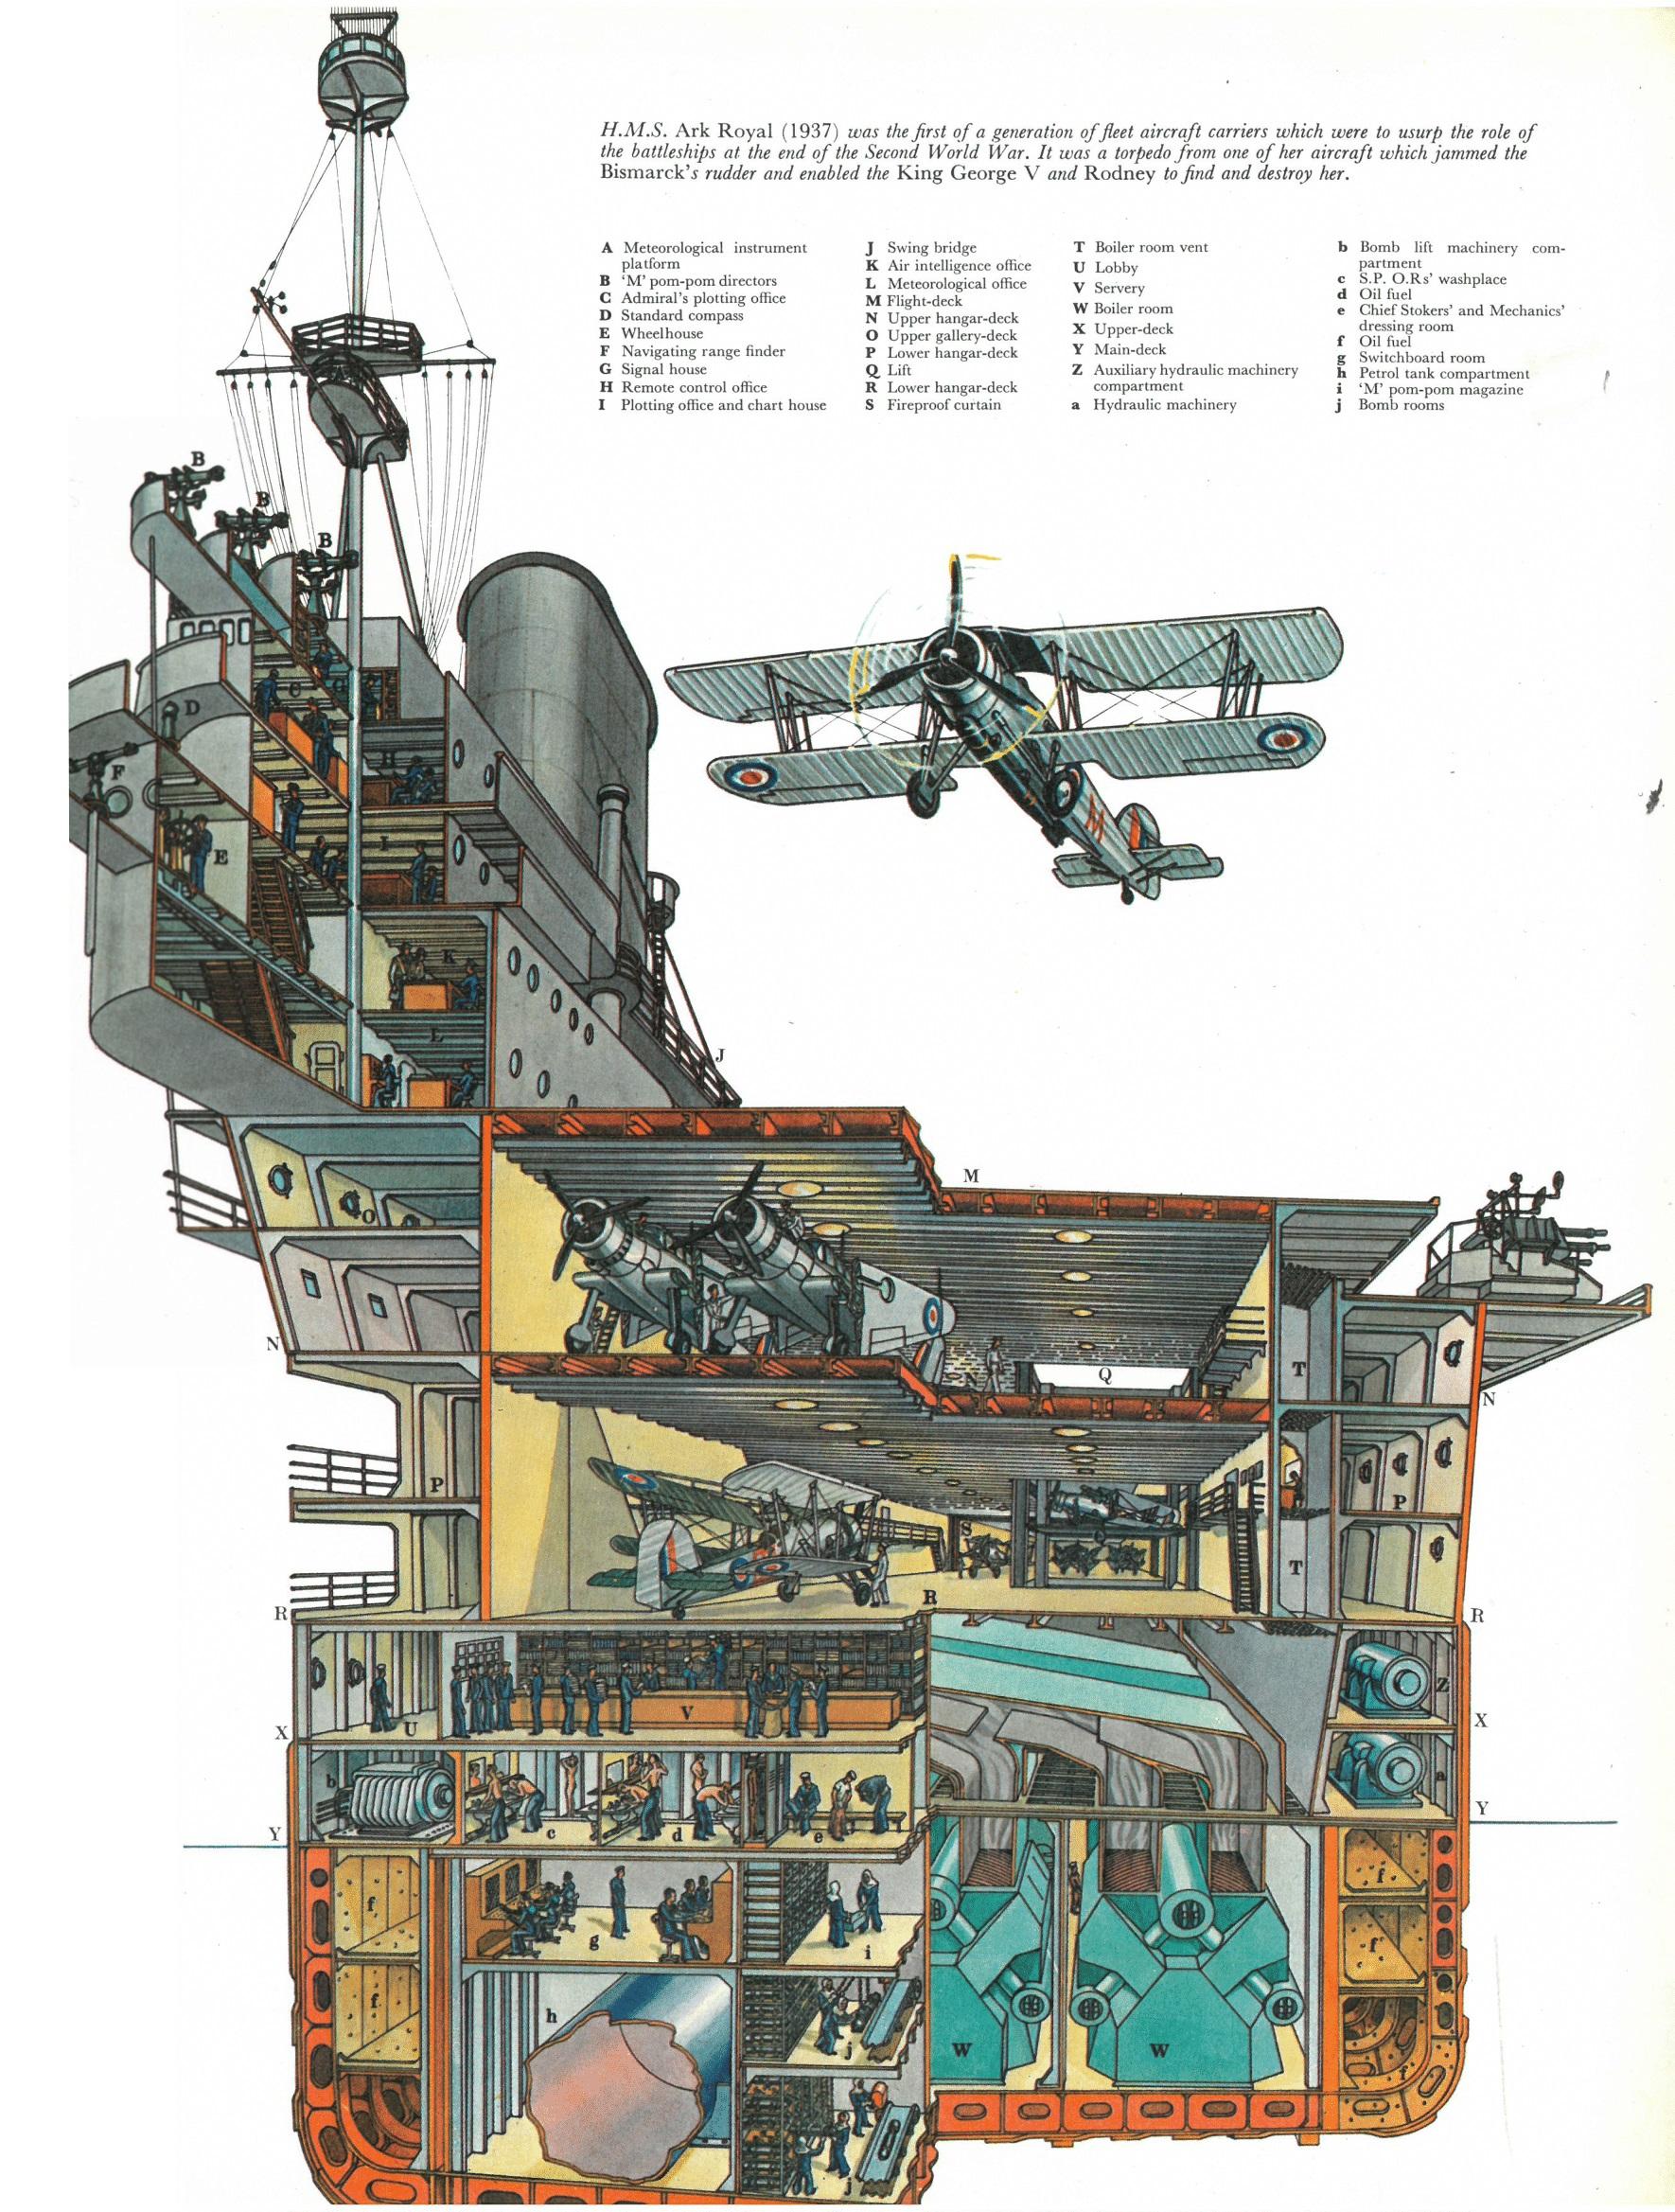 Aircraft Carrier Engine Room: Przekroje I Rzeczy Przecięte Na Pół VIII